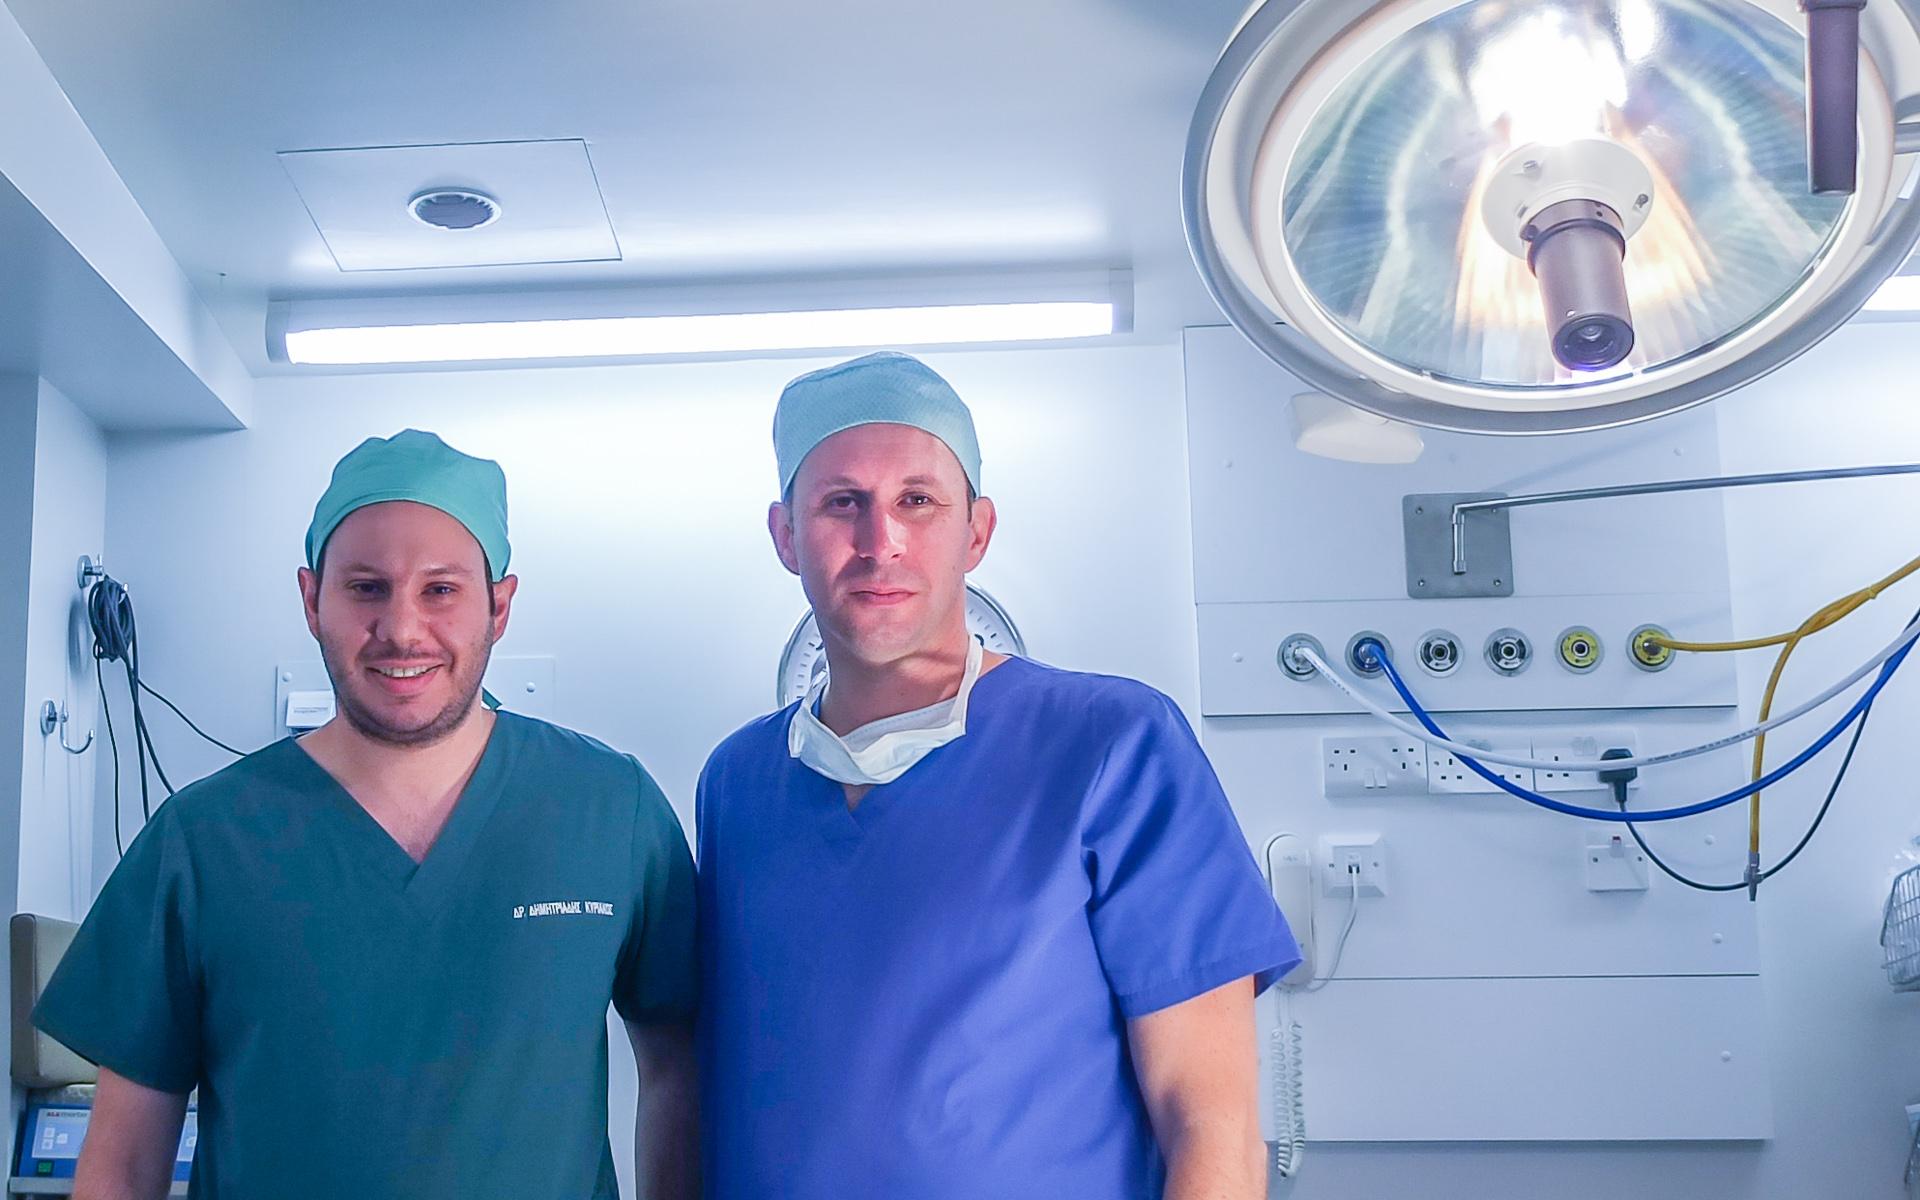 Χειρουργεία σπονδυλικής στήλης στην Κύπρο